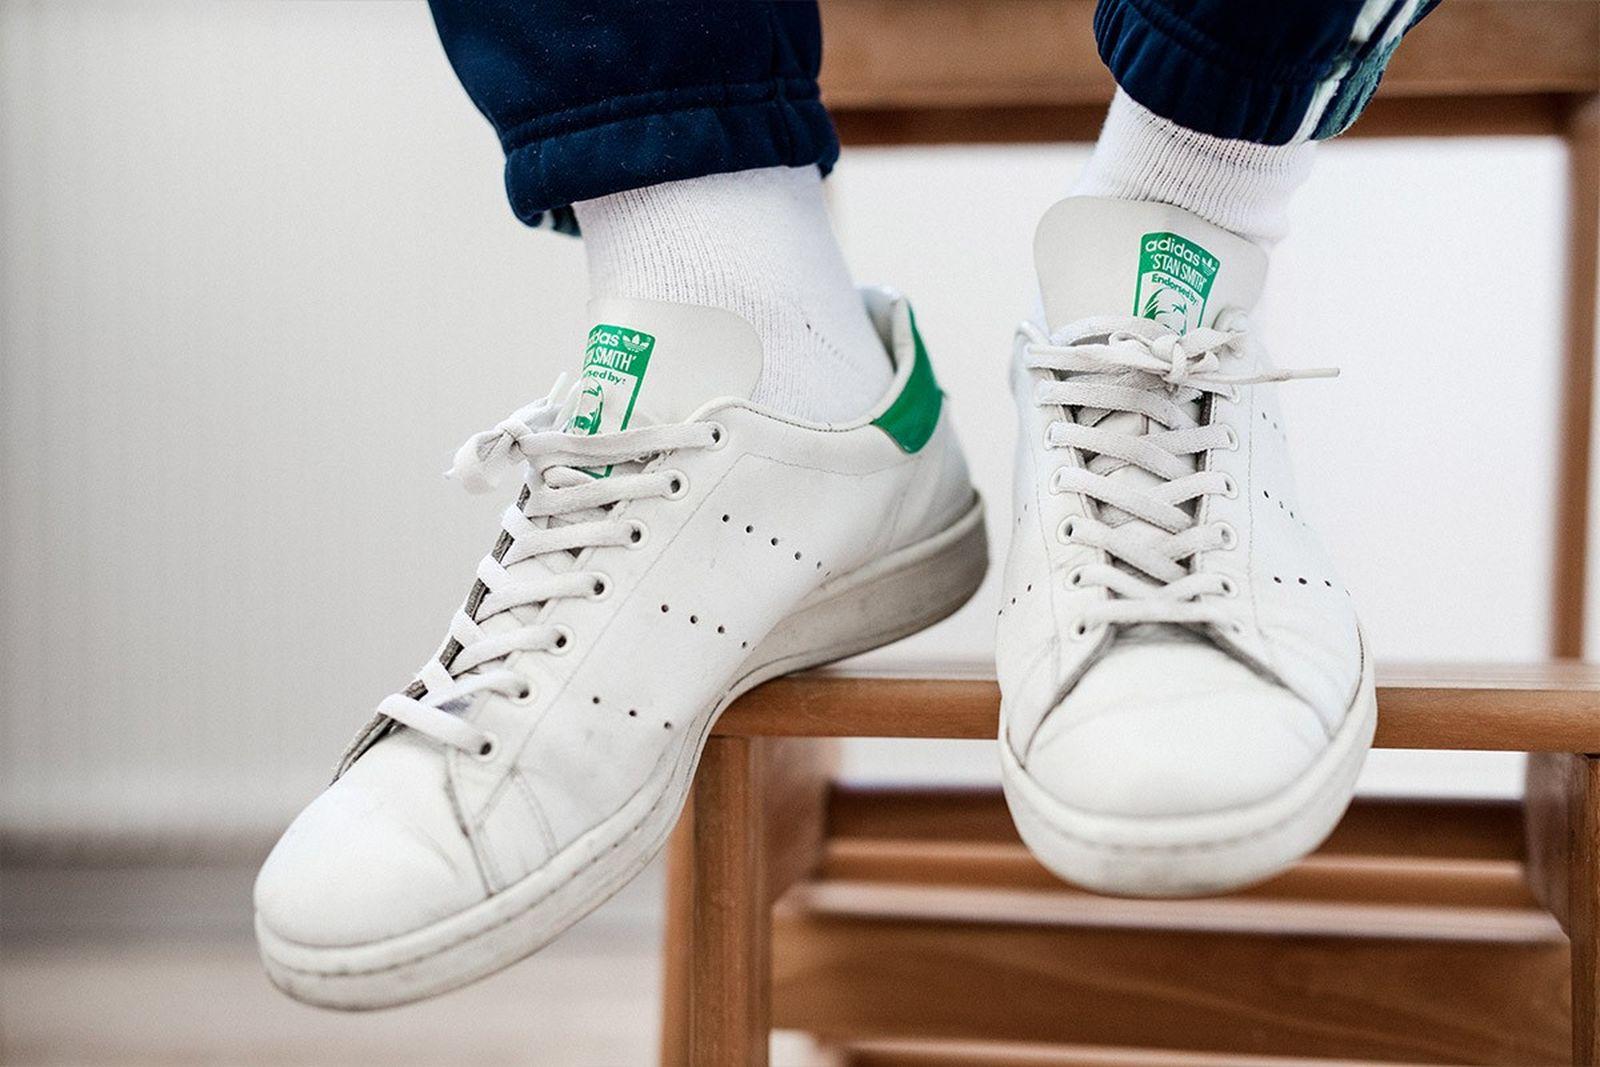 terrace footwear sneaker history 03 Adidas diadora